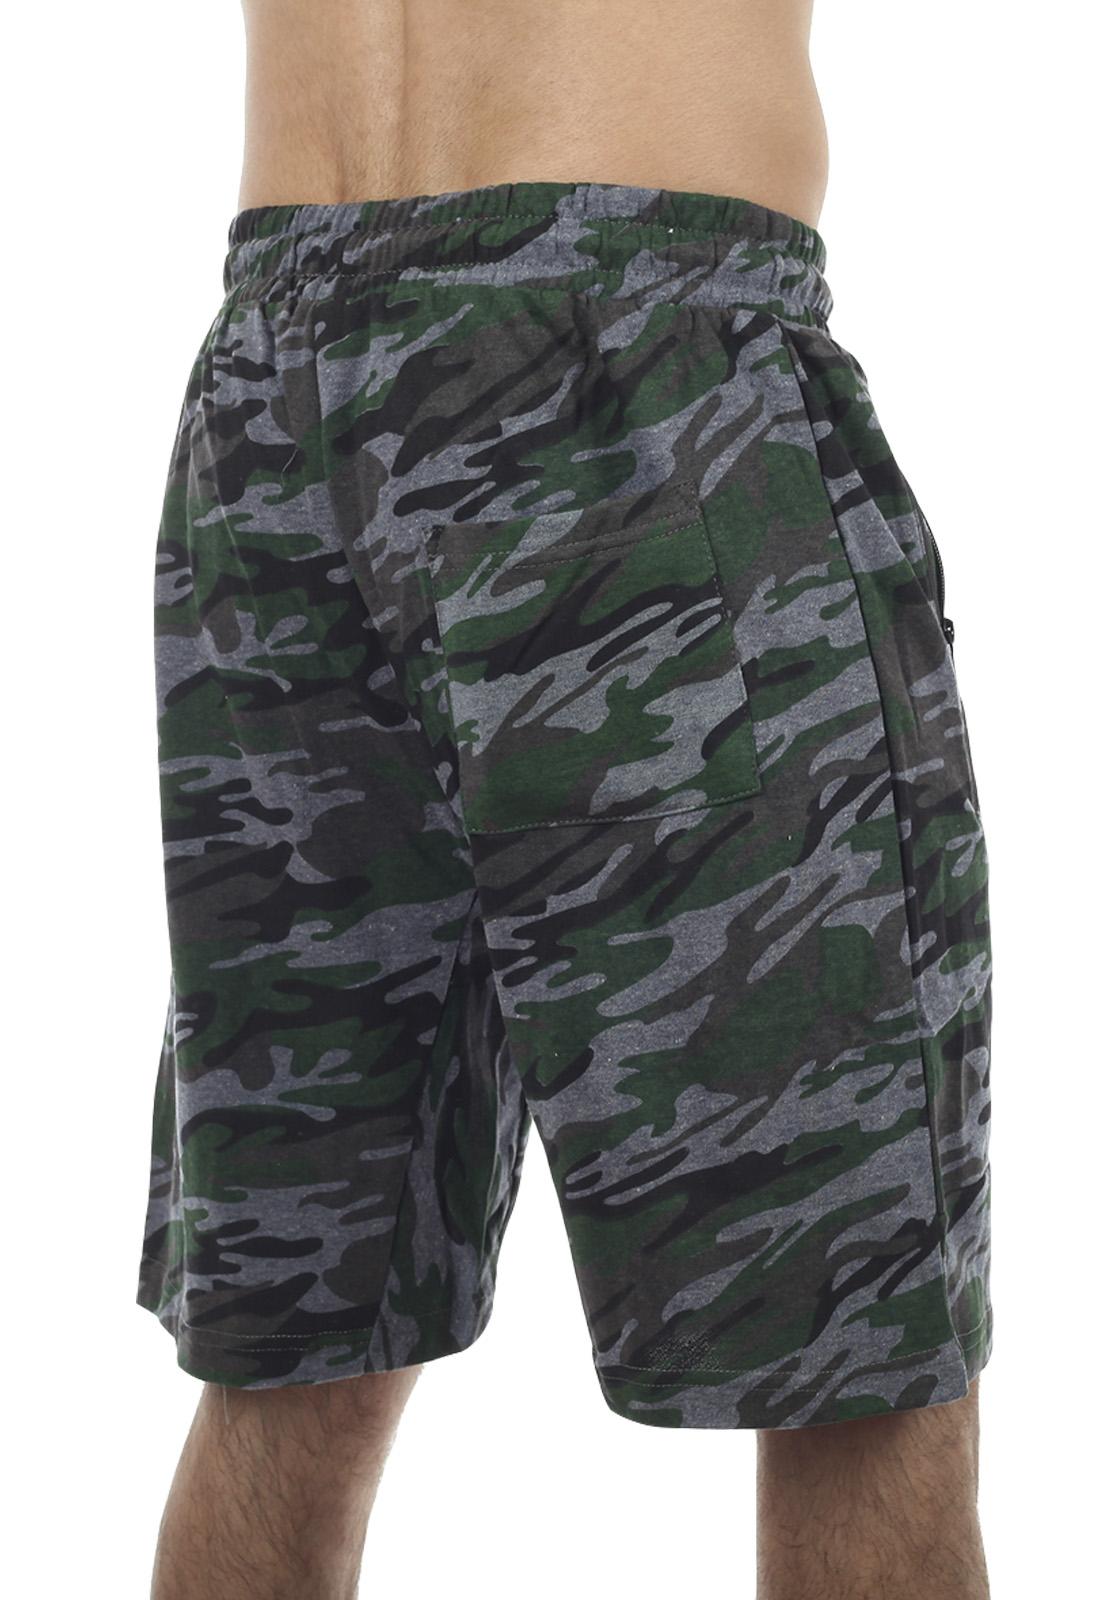 Удлиненные камуфлированные шорты с нашивкой РХБЗ - заказать с доставкой